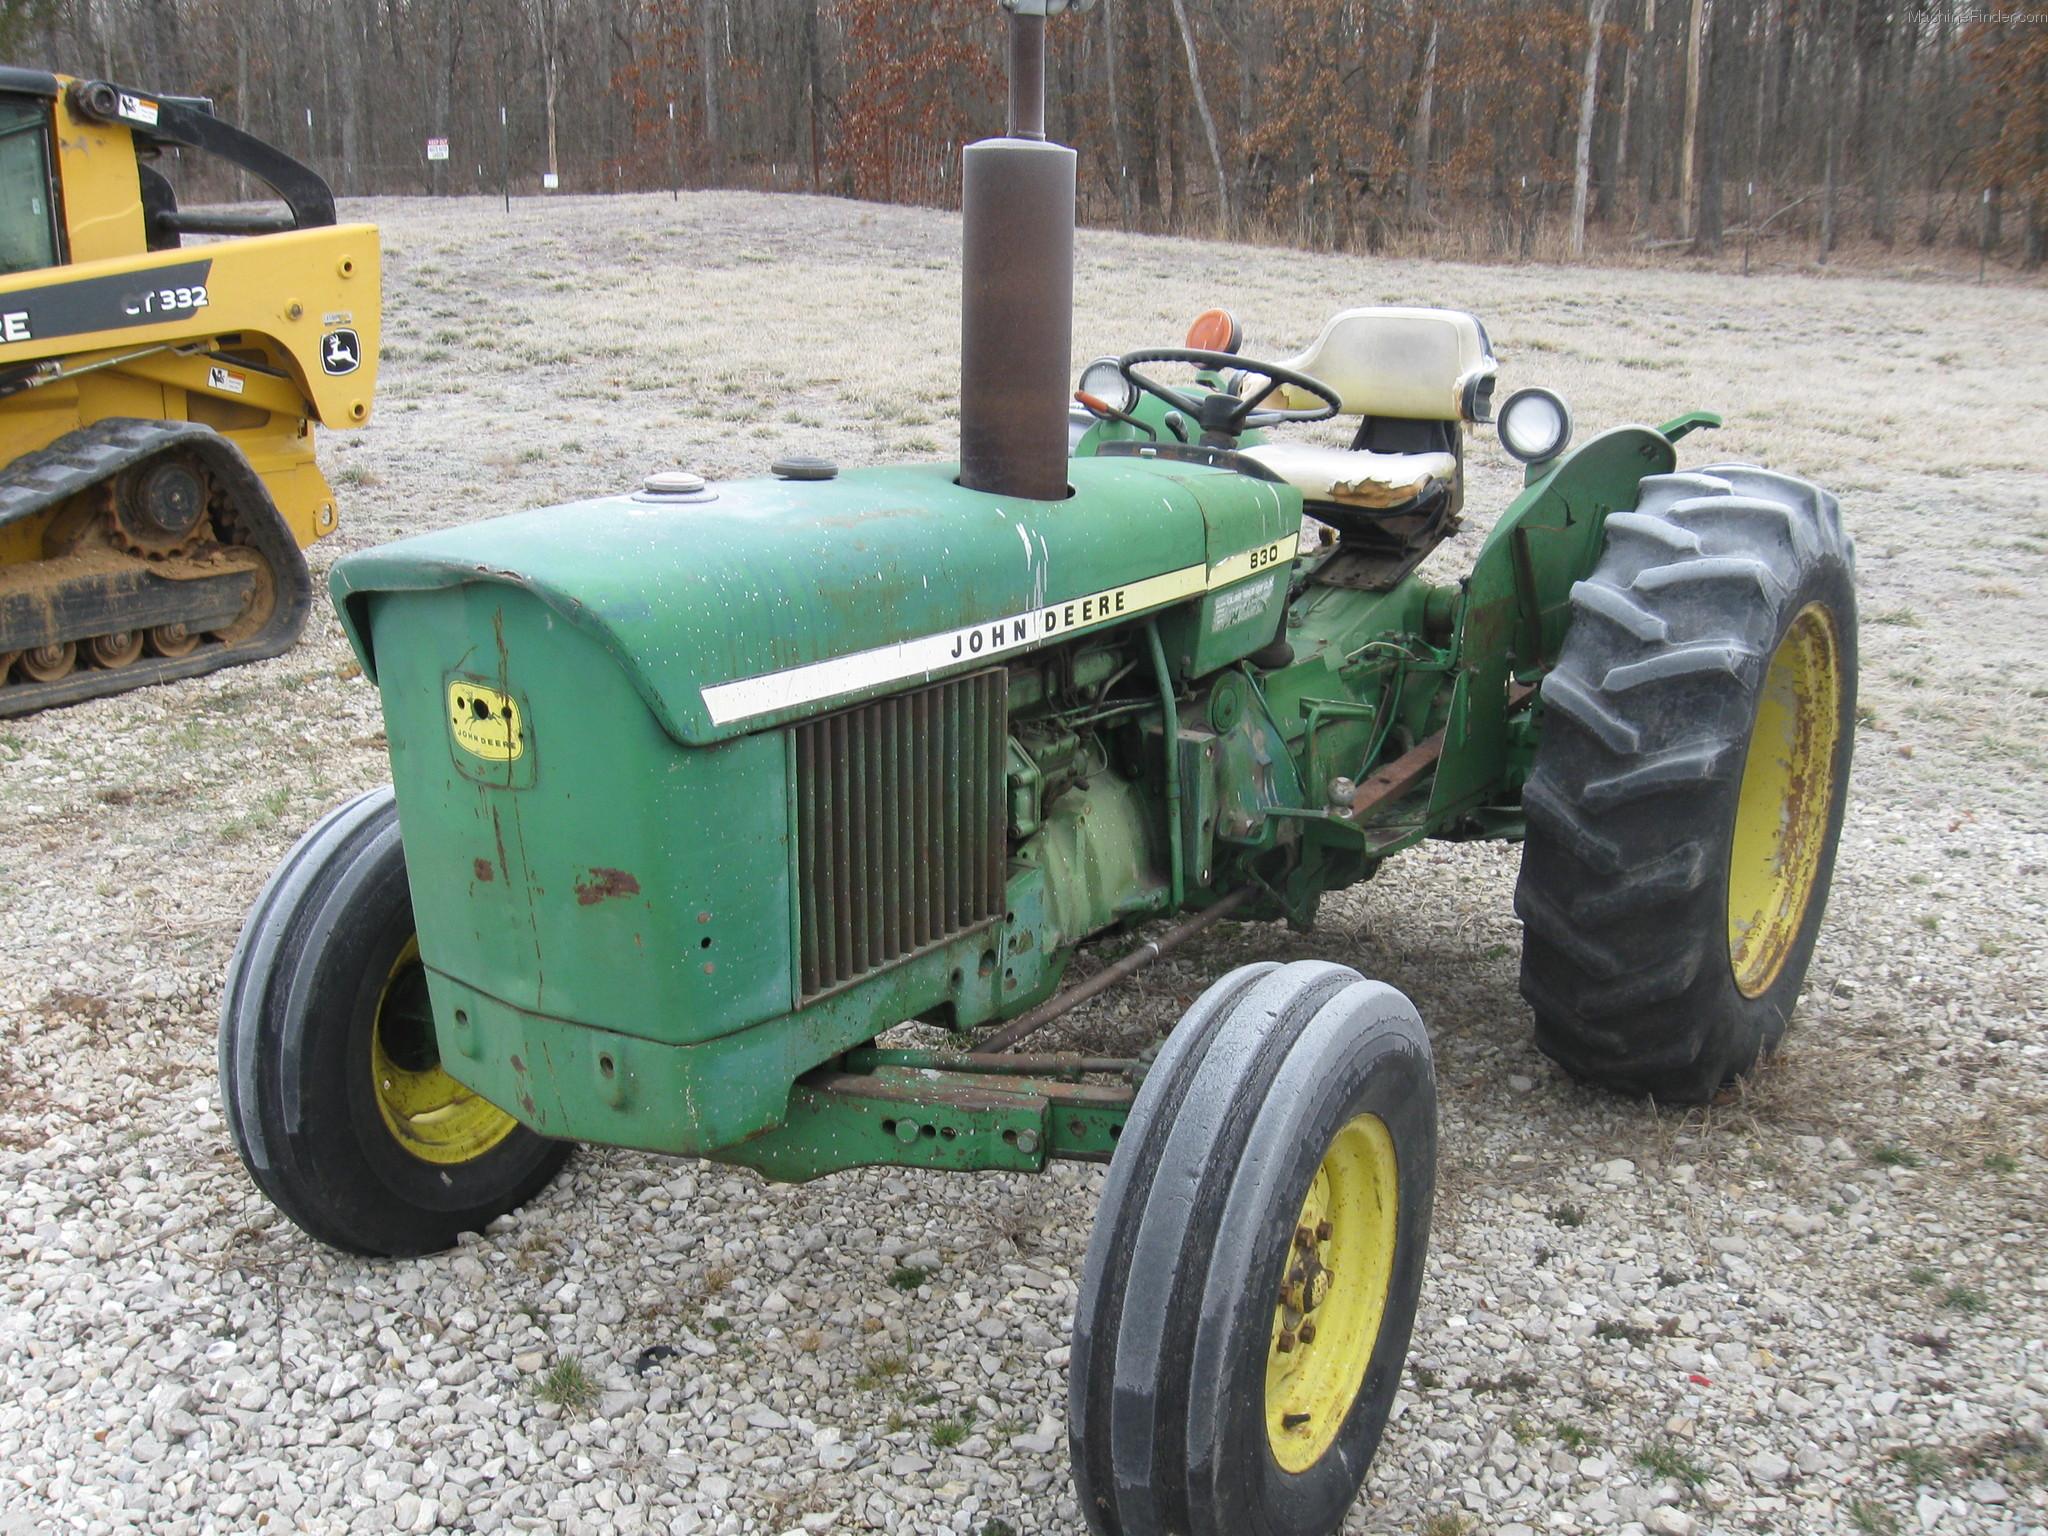 John Deere 830 Tractors - Utility (40-100hp) - John Deere ...